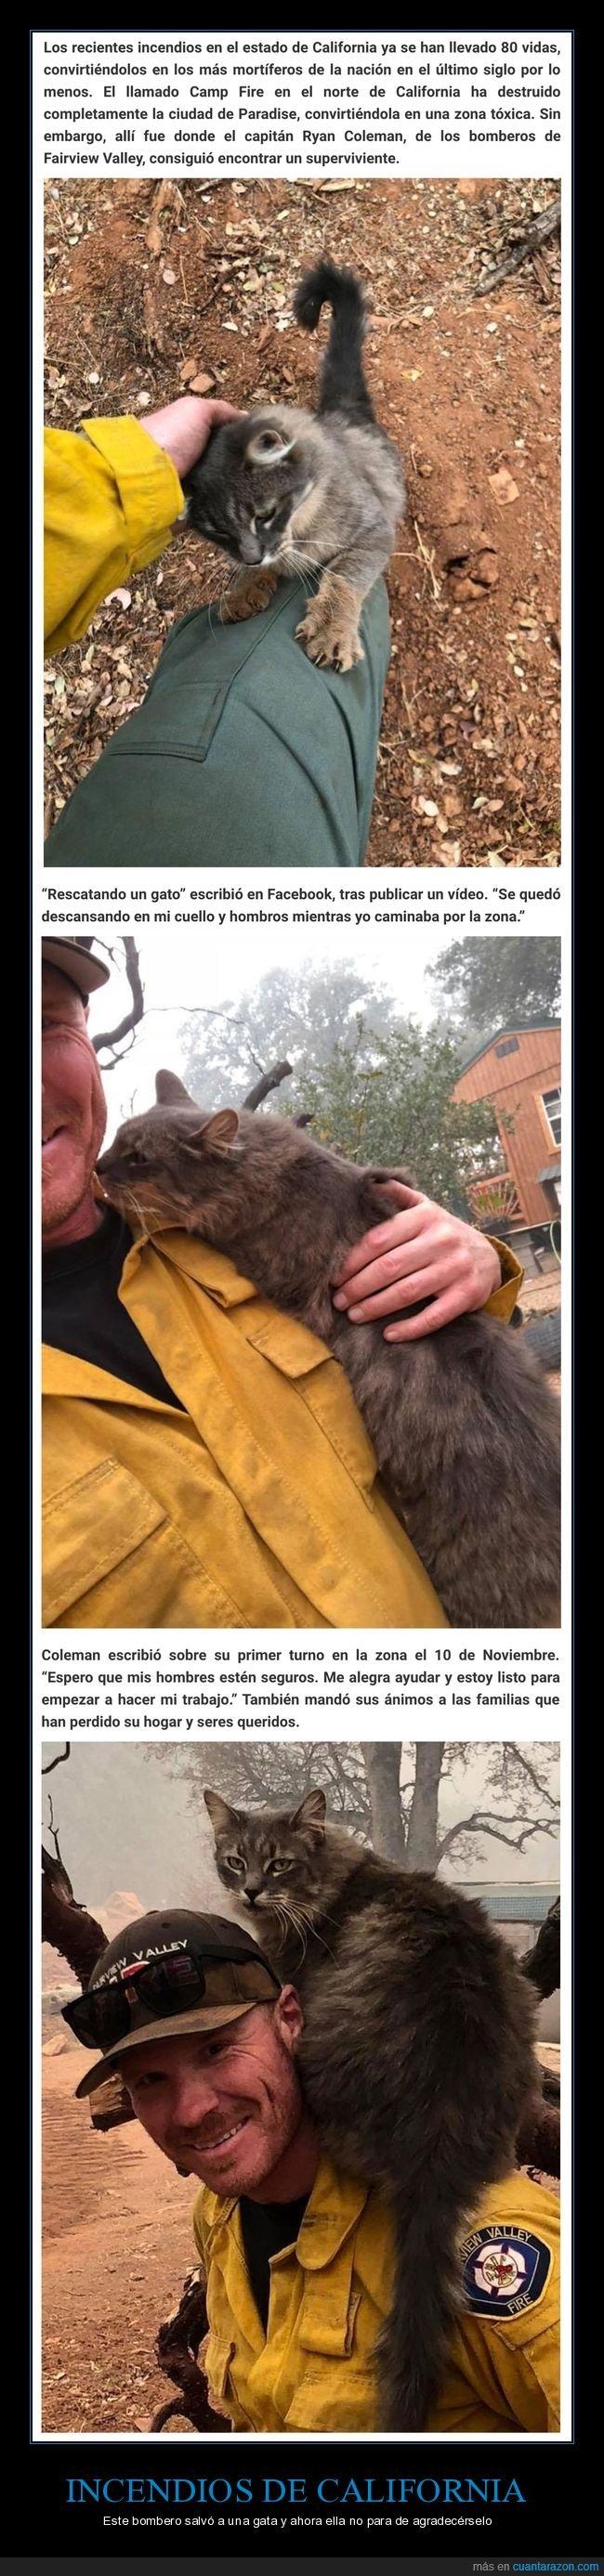 agradecer,bombero,california,gatos,incendios